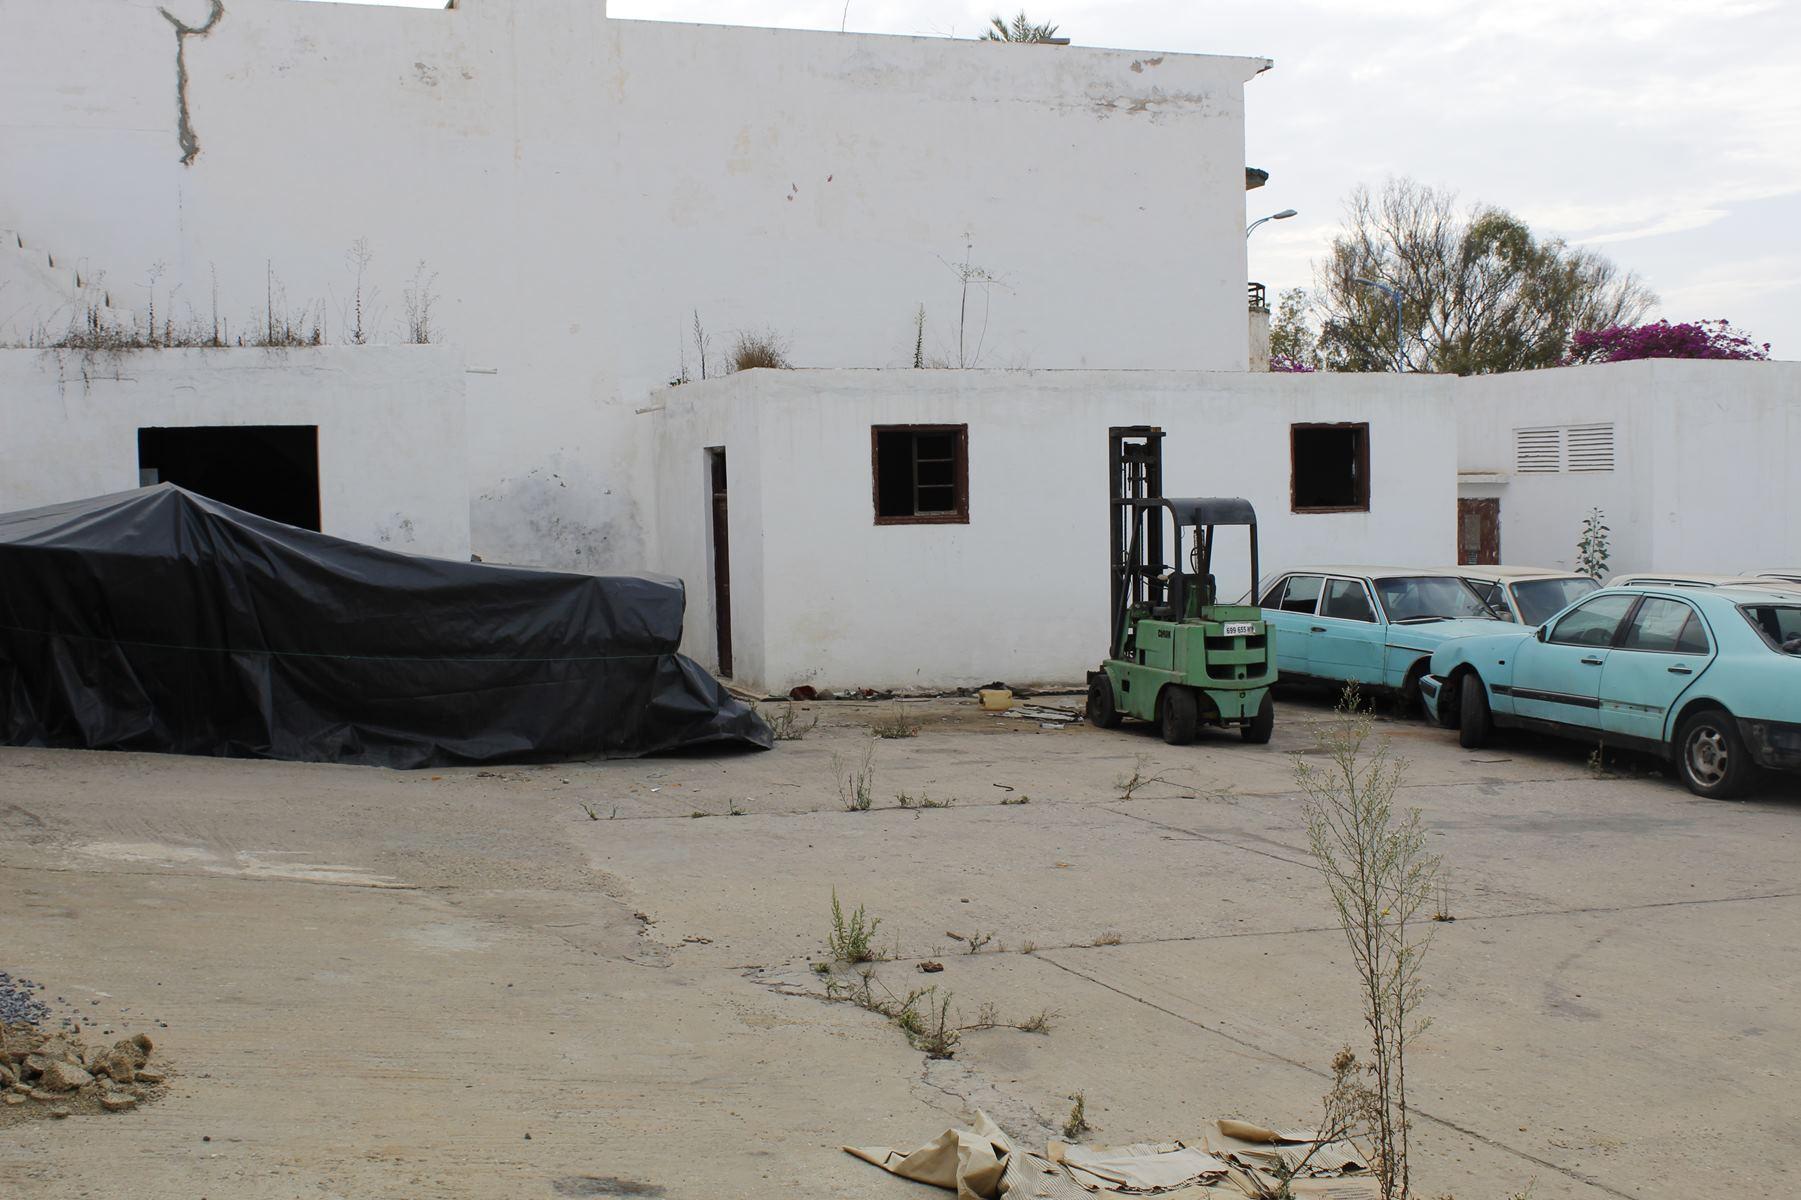 Mieux qu'une villa ! Maroc, Casablanca, Racine (entre Bld Massira Khadra et Anfa) à acheter agréable logement calme entierement refait à neuf d'une superficie de 287m²